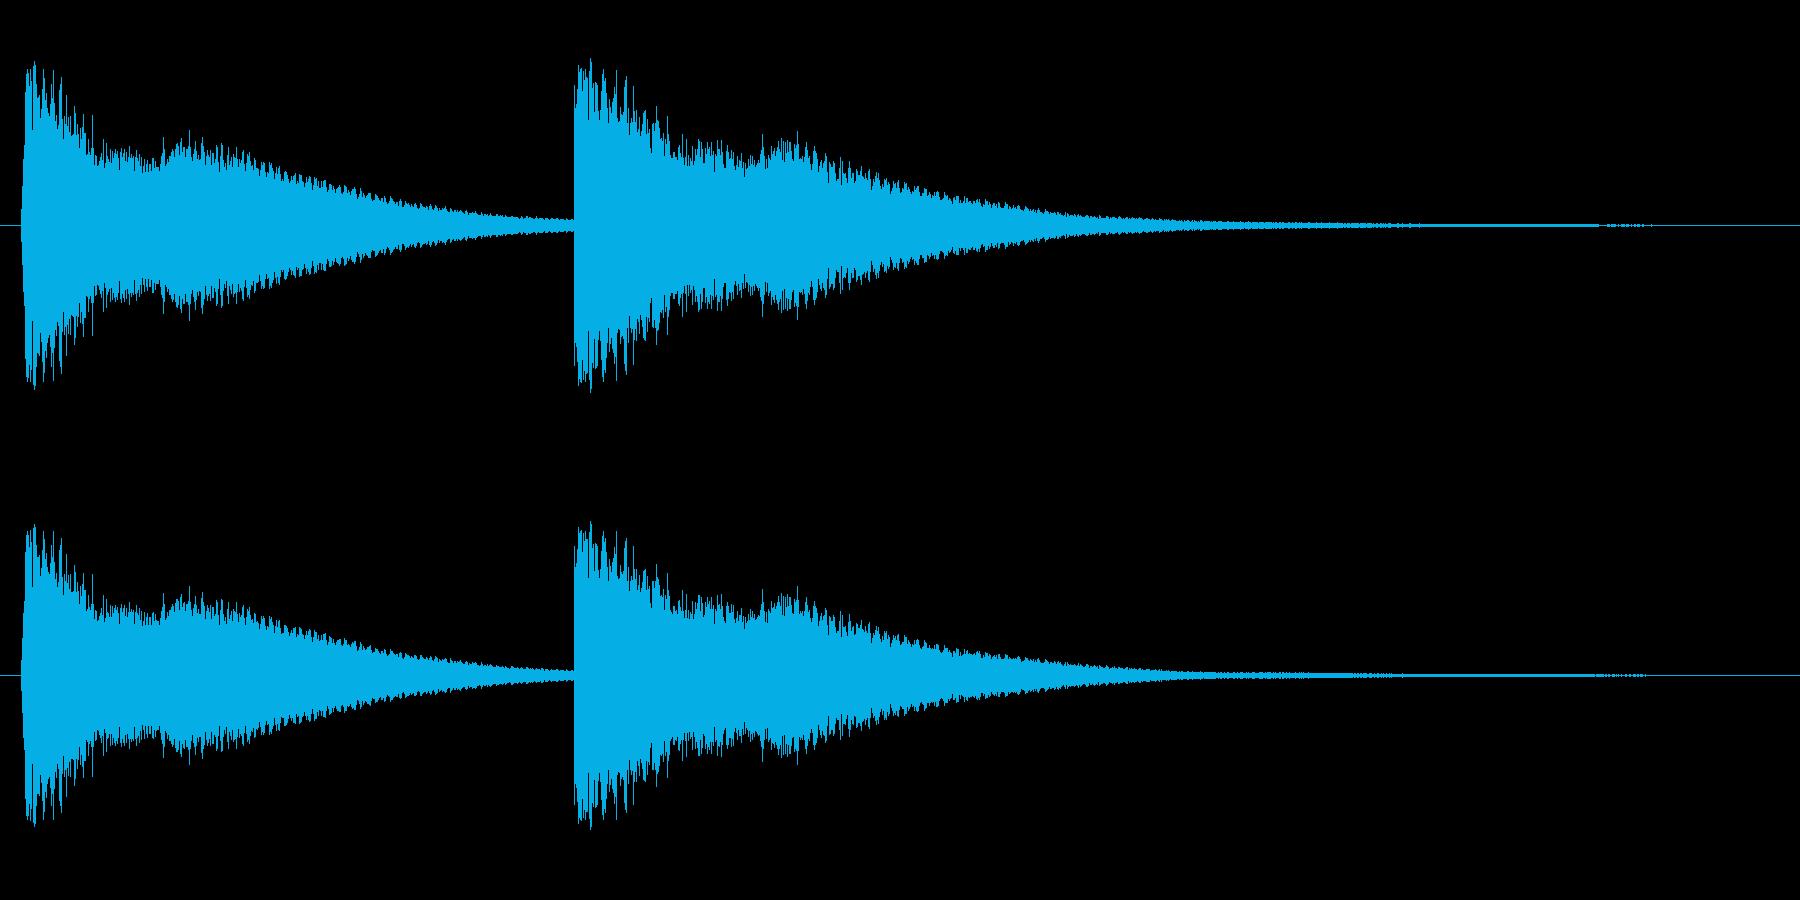 綺麗でハッキリ聴こえる効果音の再生済みの波形